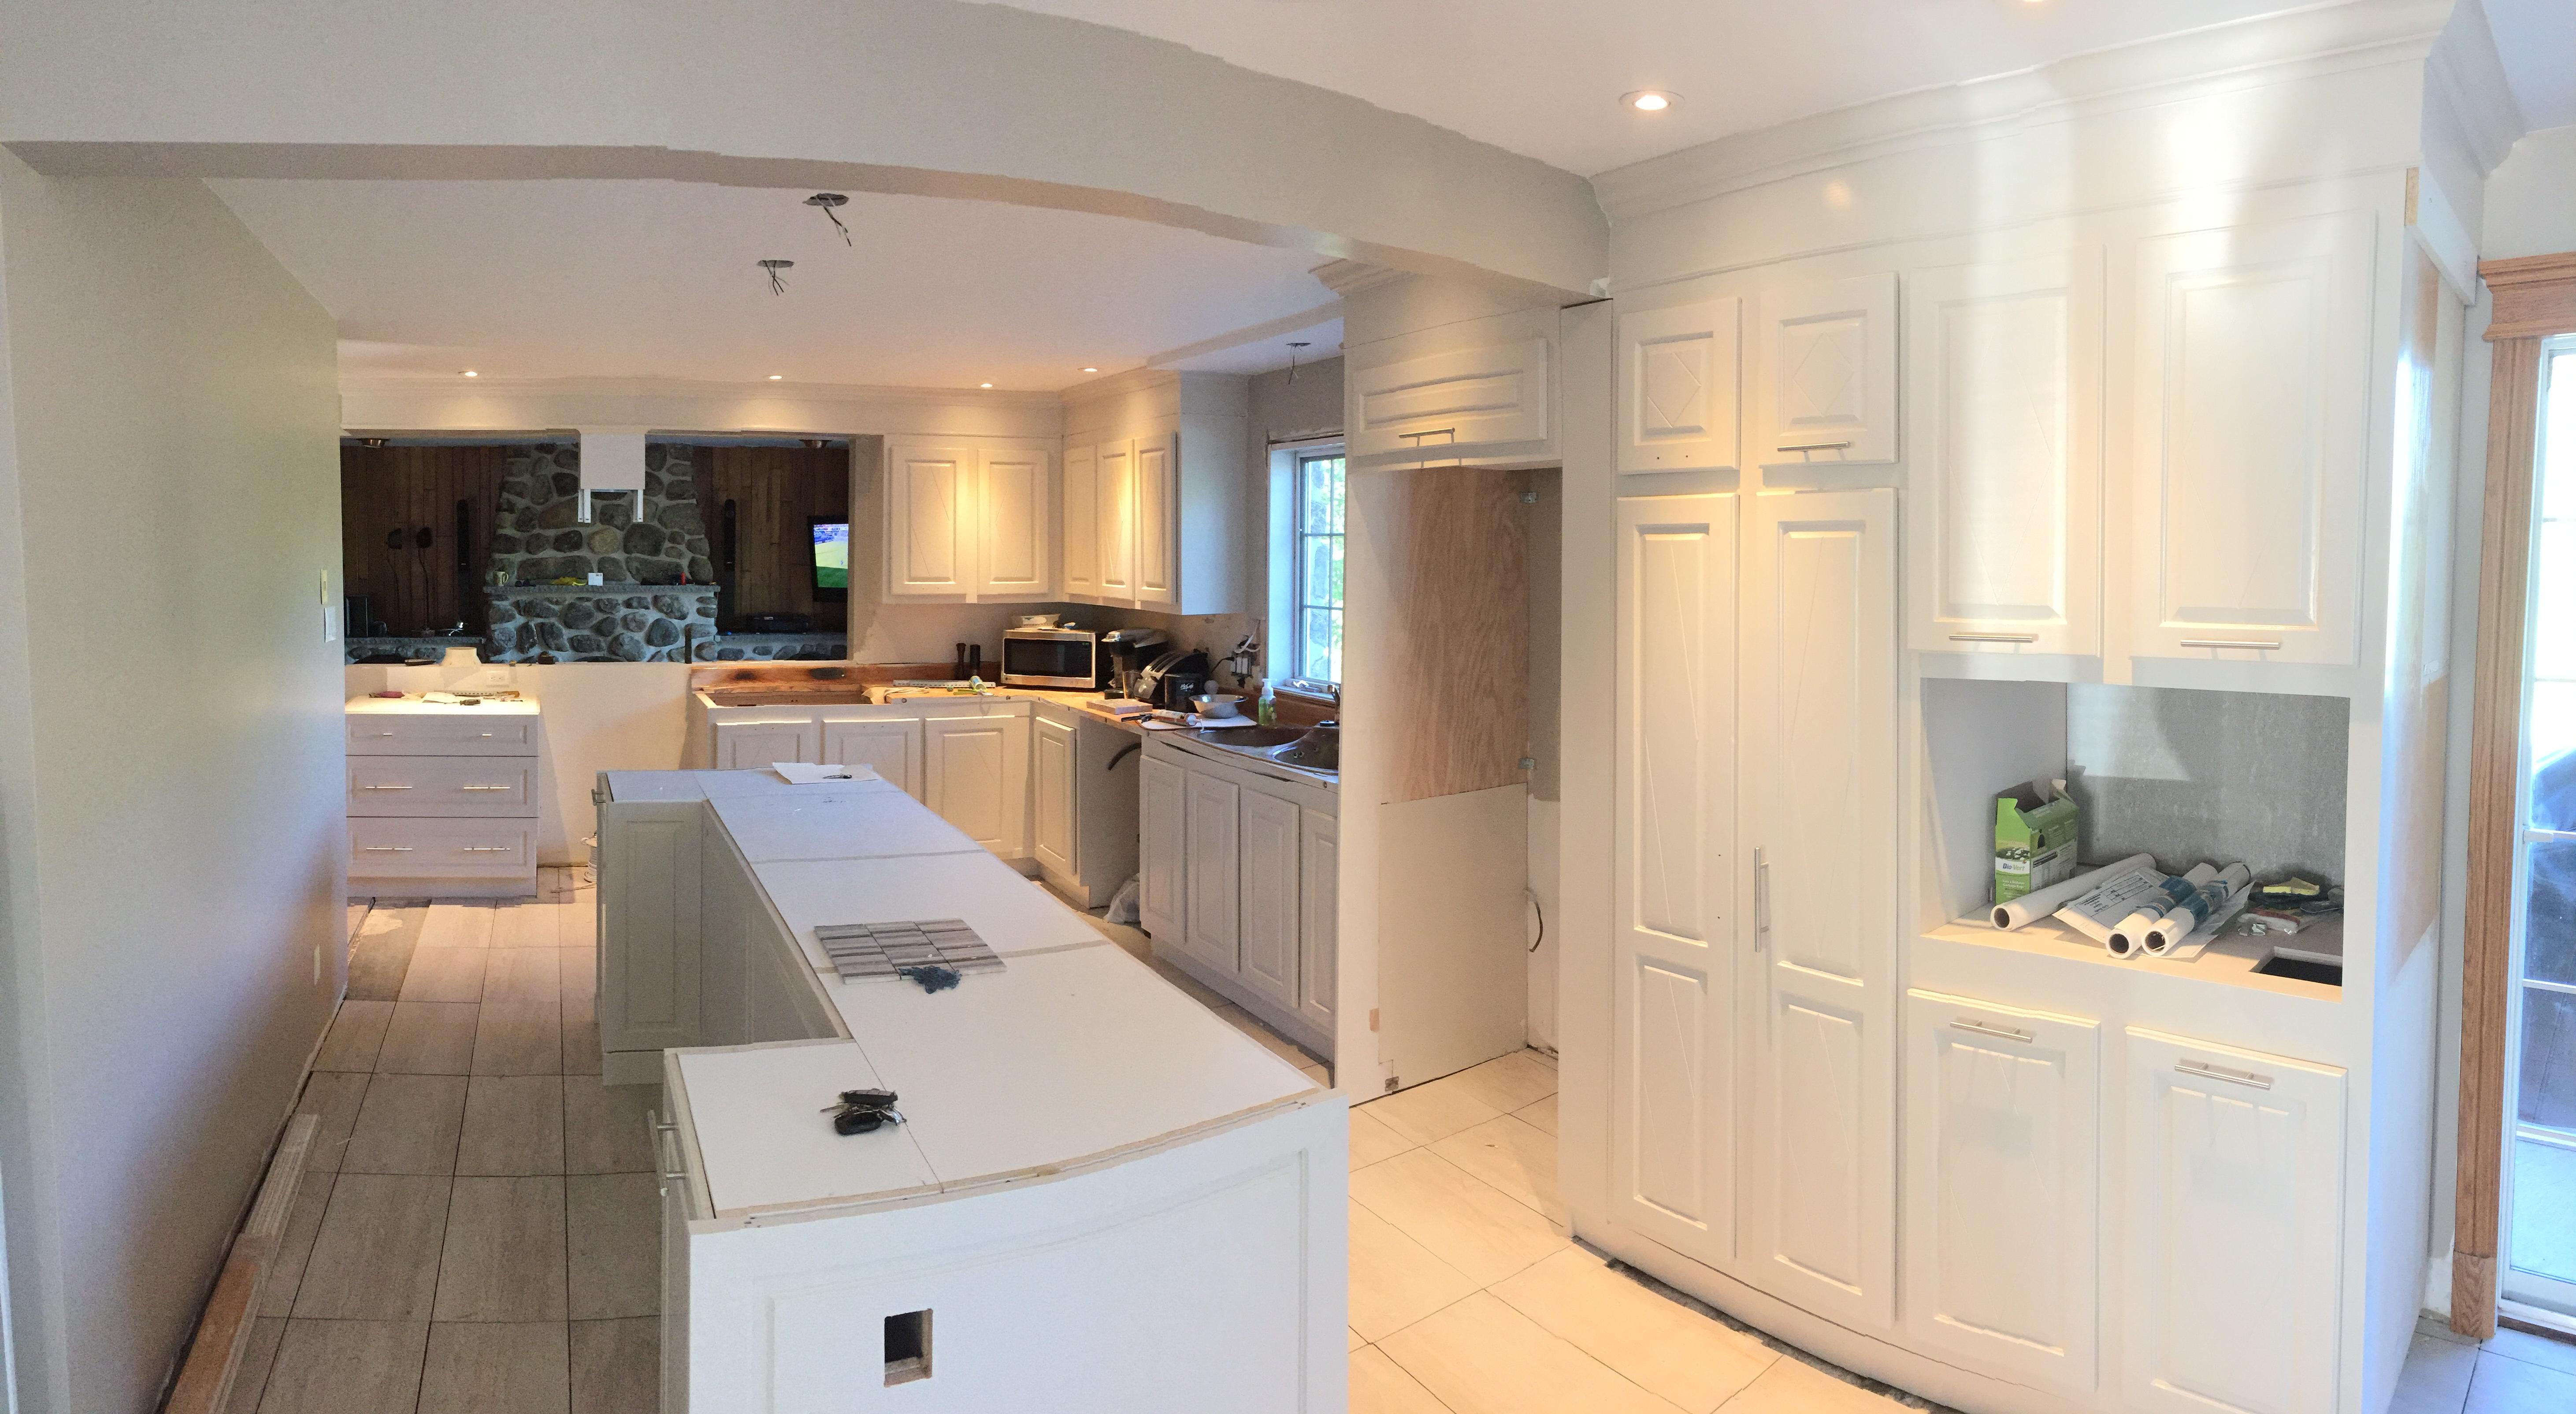 resurfacage refacing c 39 est changer juste une partie des armoires r nover sa cuisine. Black Bedroom Furniture Sets. Home Design Ideas